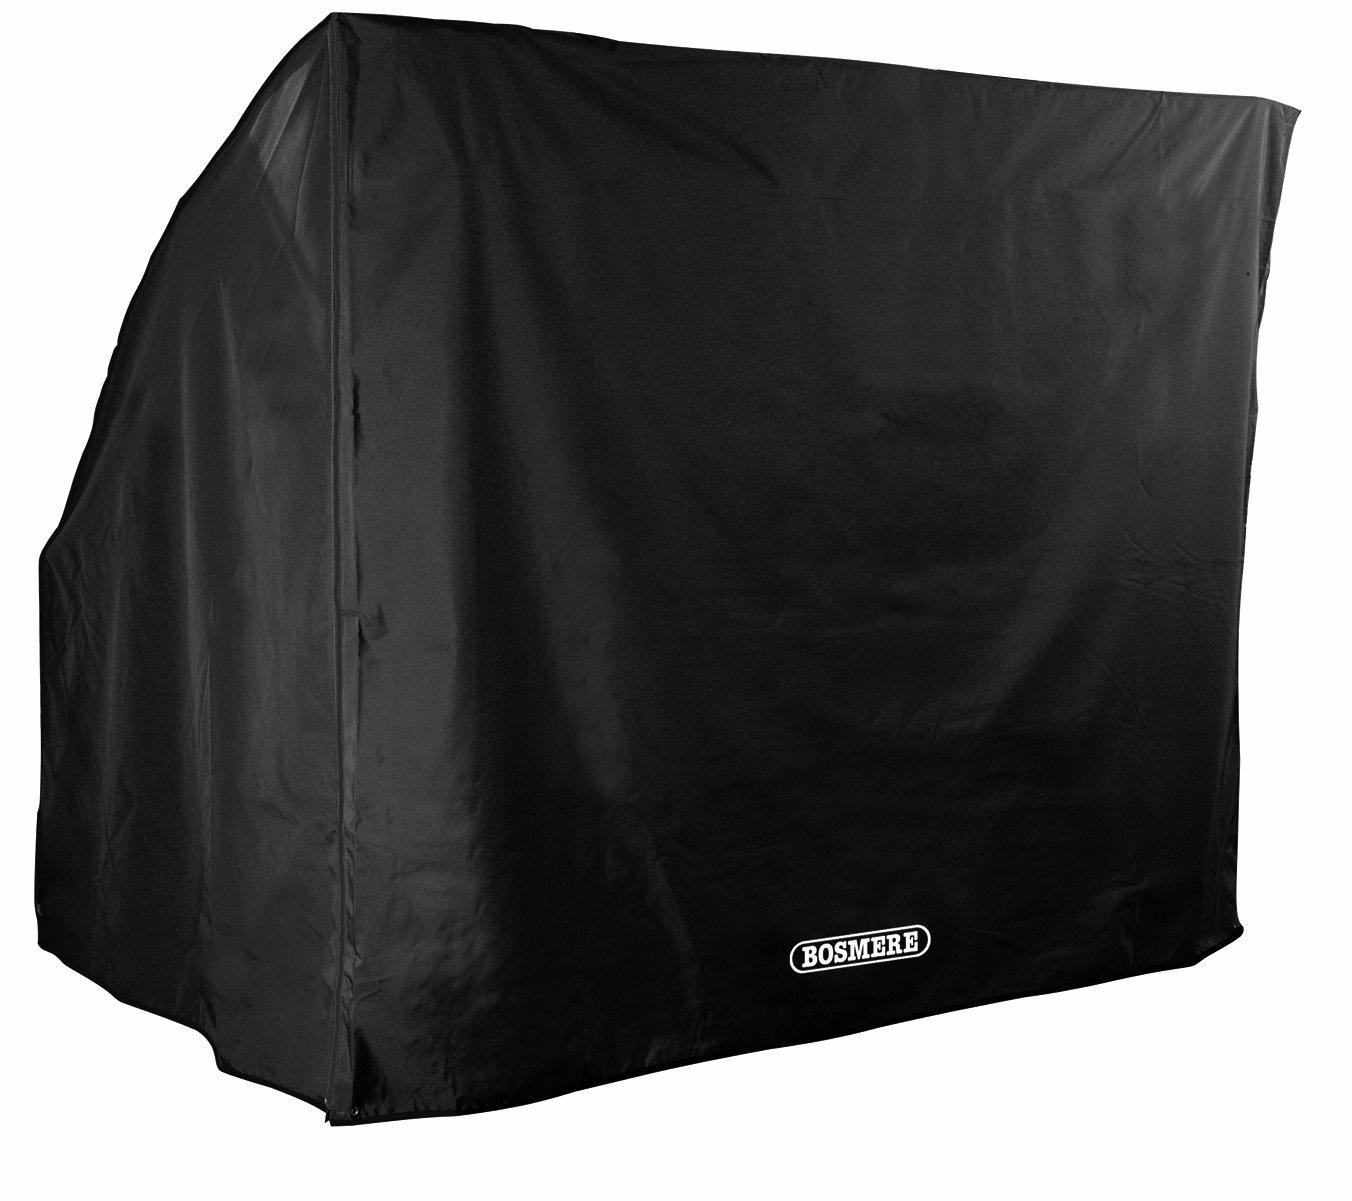 Bosmere, C500, telo protettivo per dondolo a 2 posti Bosmere Products Ltd D505